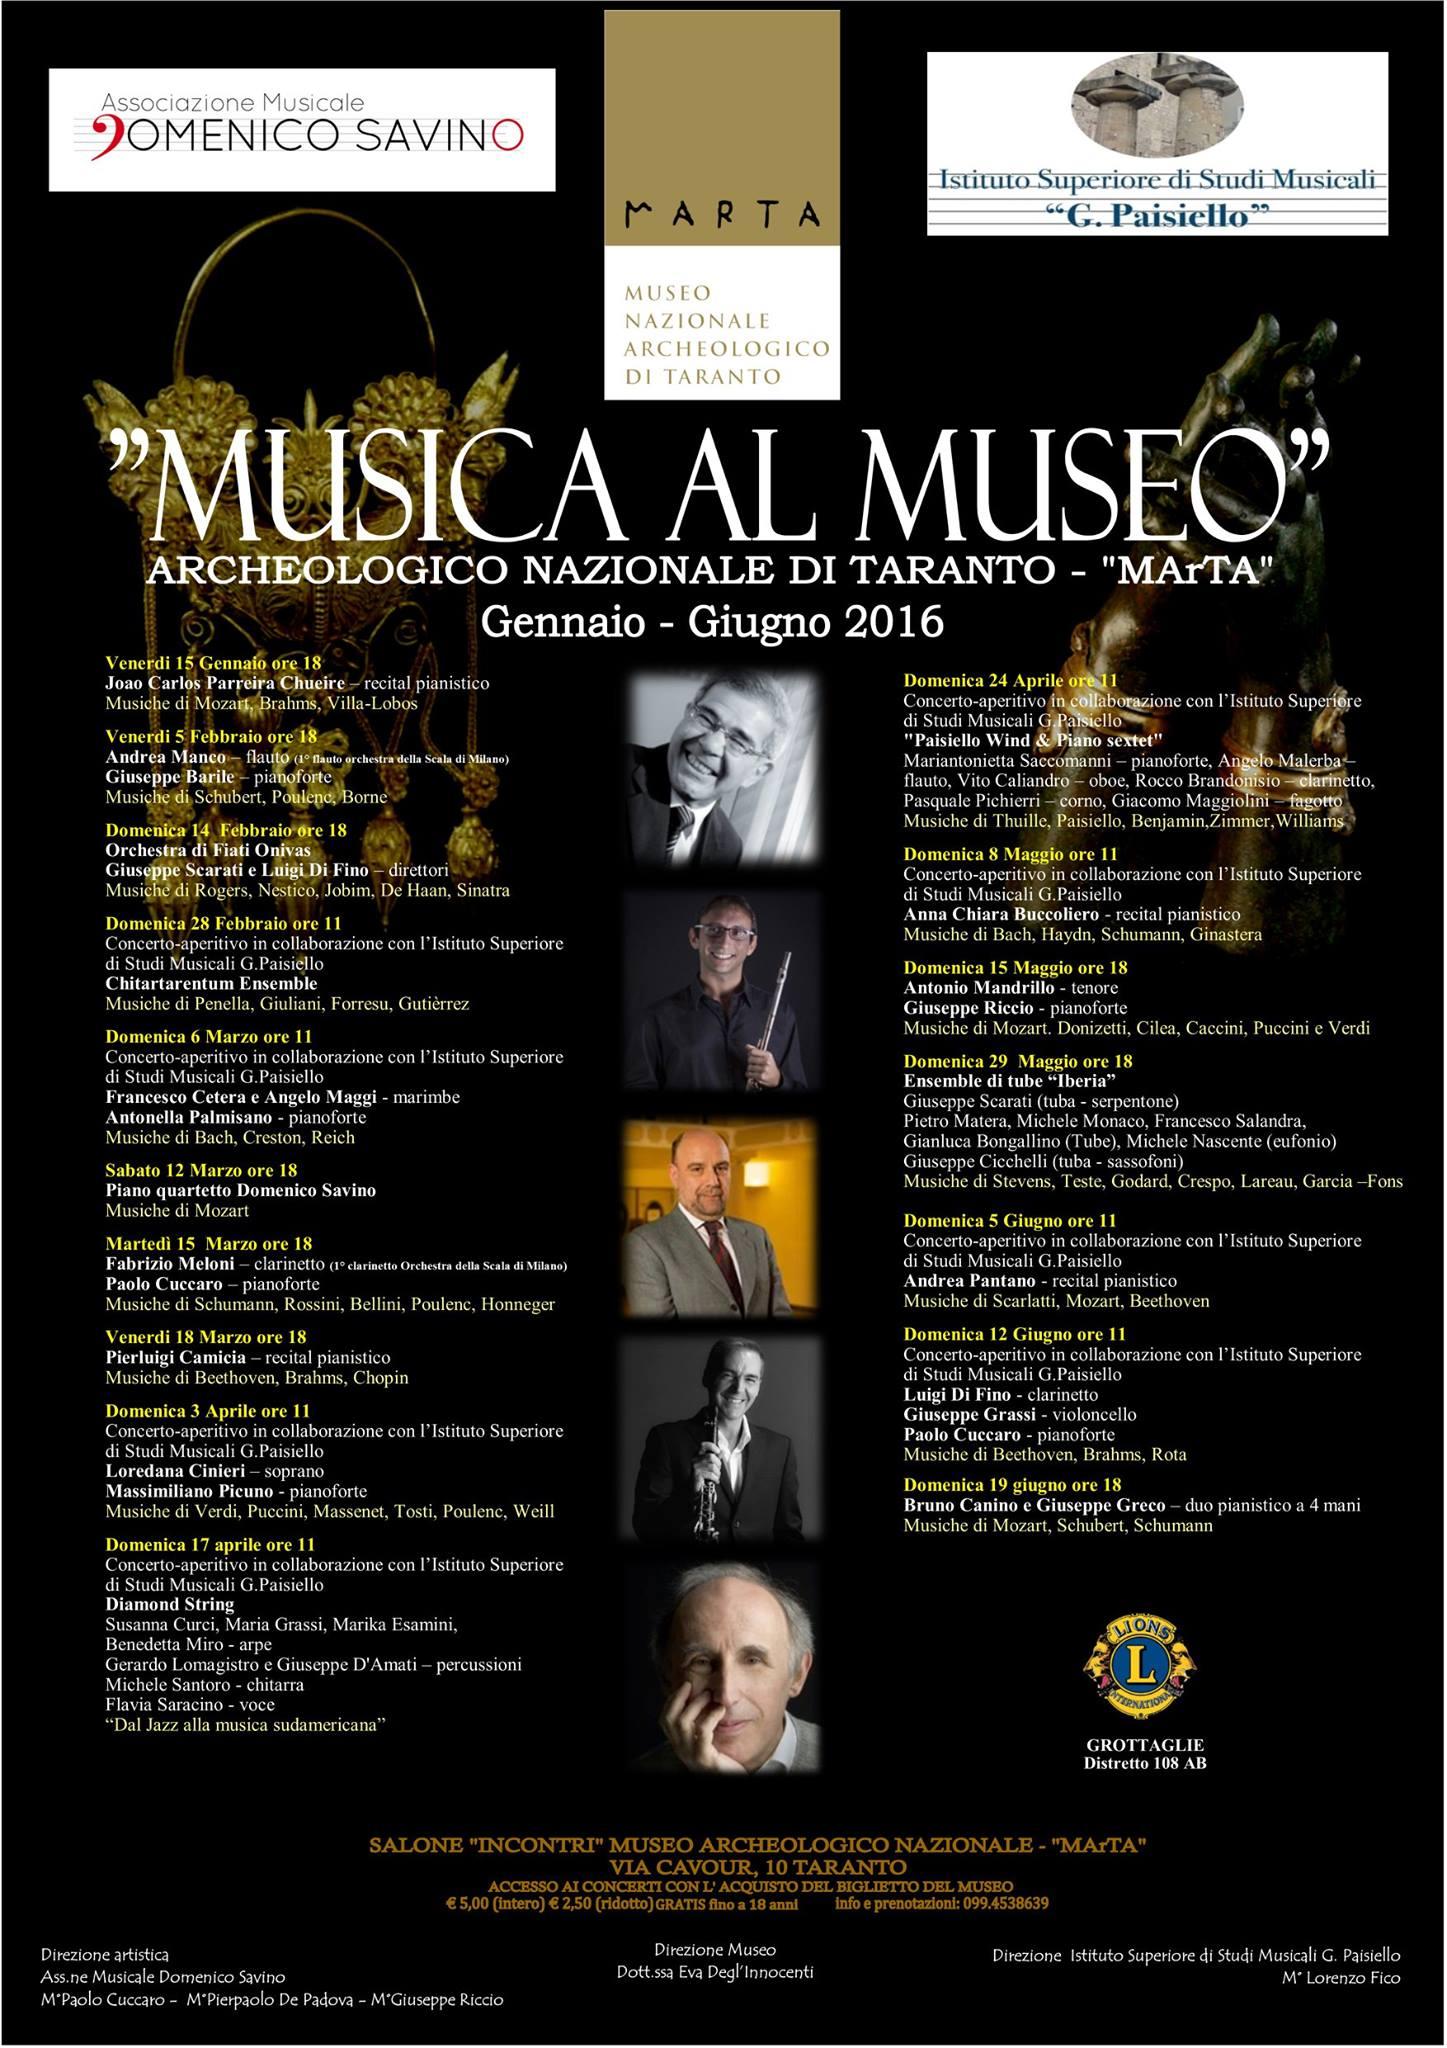 Musica al Museo_marta_taranto_pugliamusei-locandina